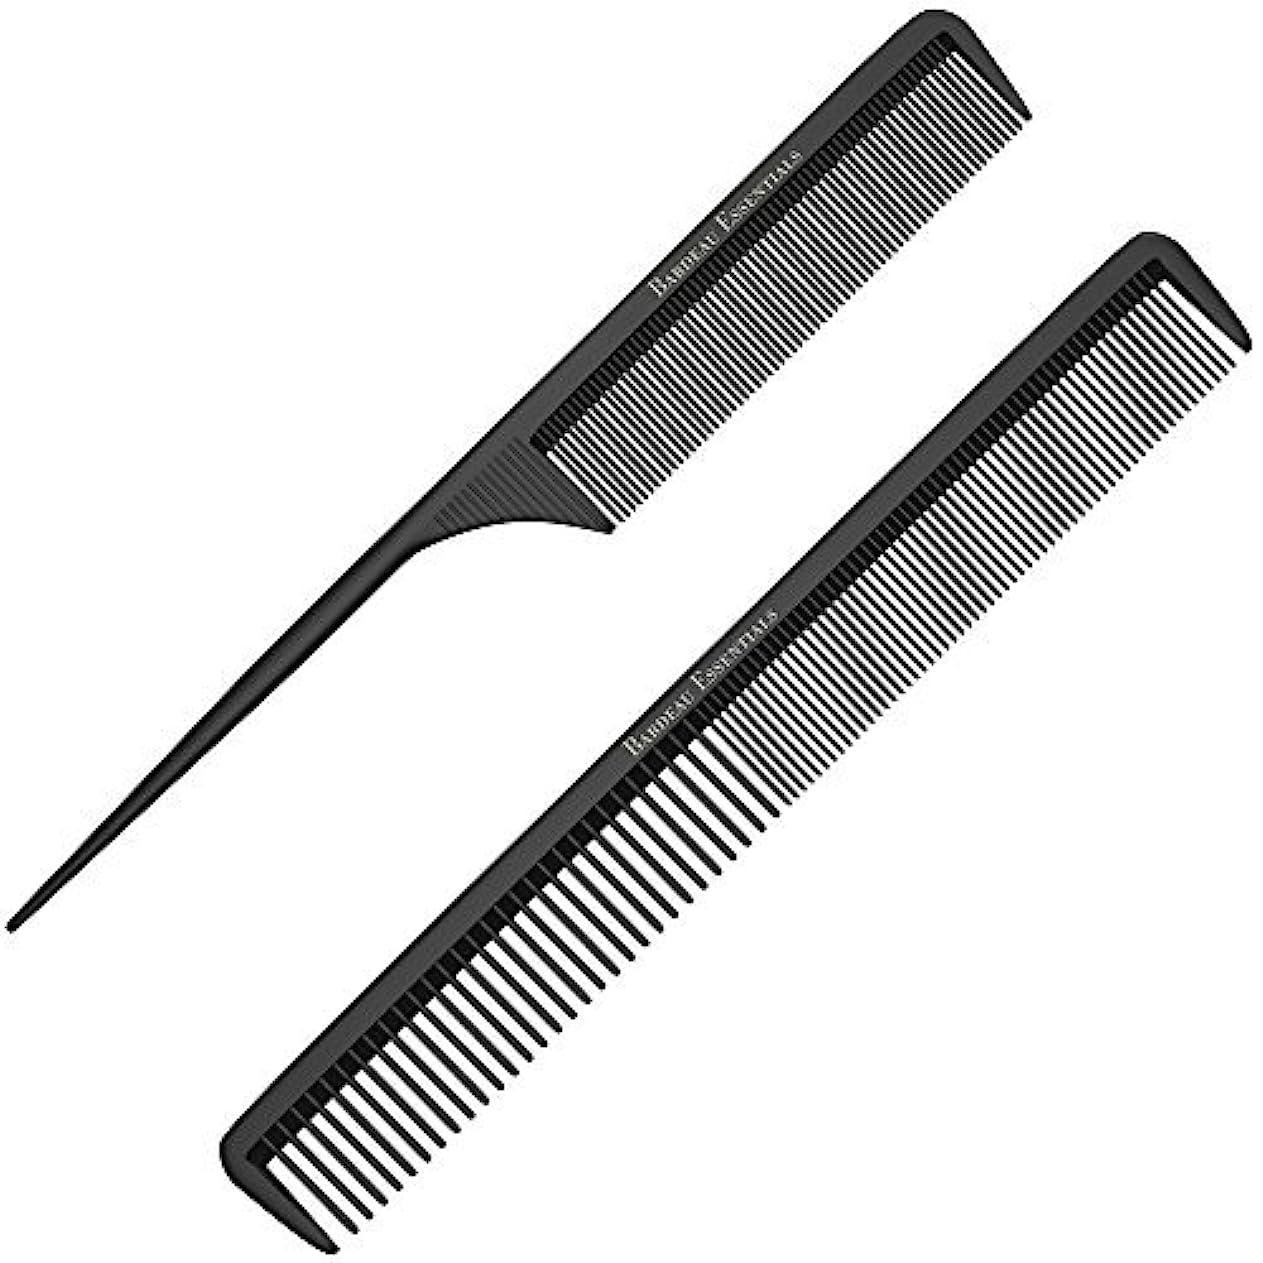 クライアントスイ騒々しいStyling Comb and Tail Comb Combo Pack | Professional 8.75  Black Carbon Fiber Anti Static Chemical And Heat Resistant...